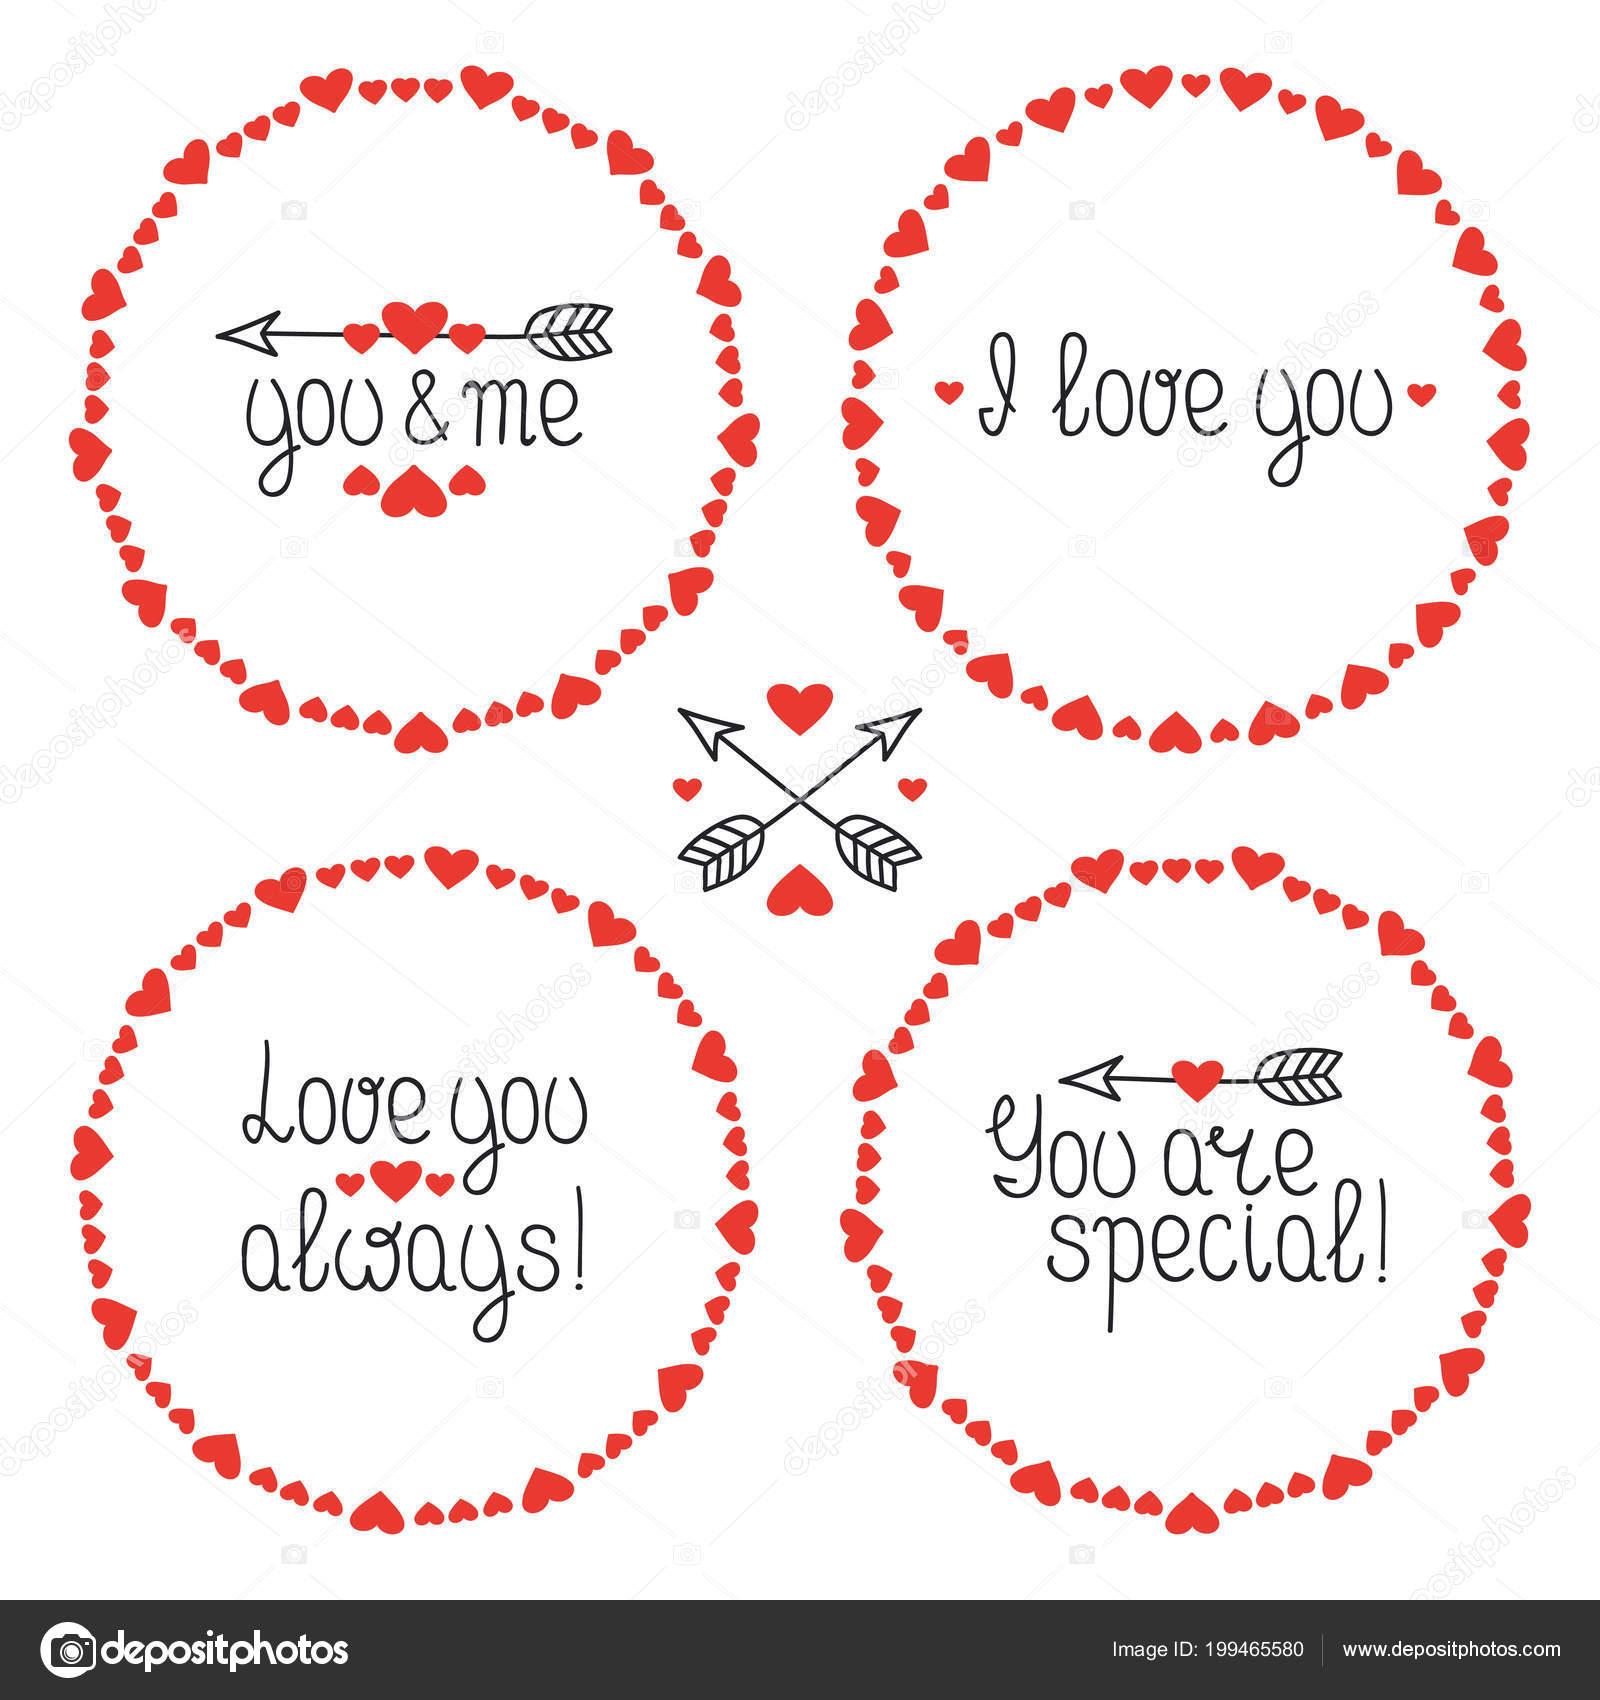 Marco de corazón redondo. Te quiero. Placas etiquetas romántico ...